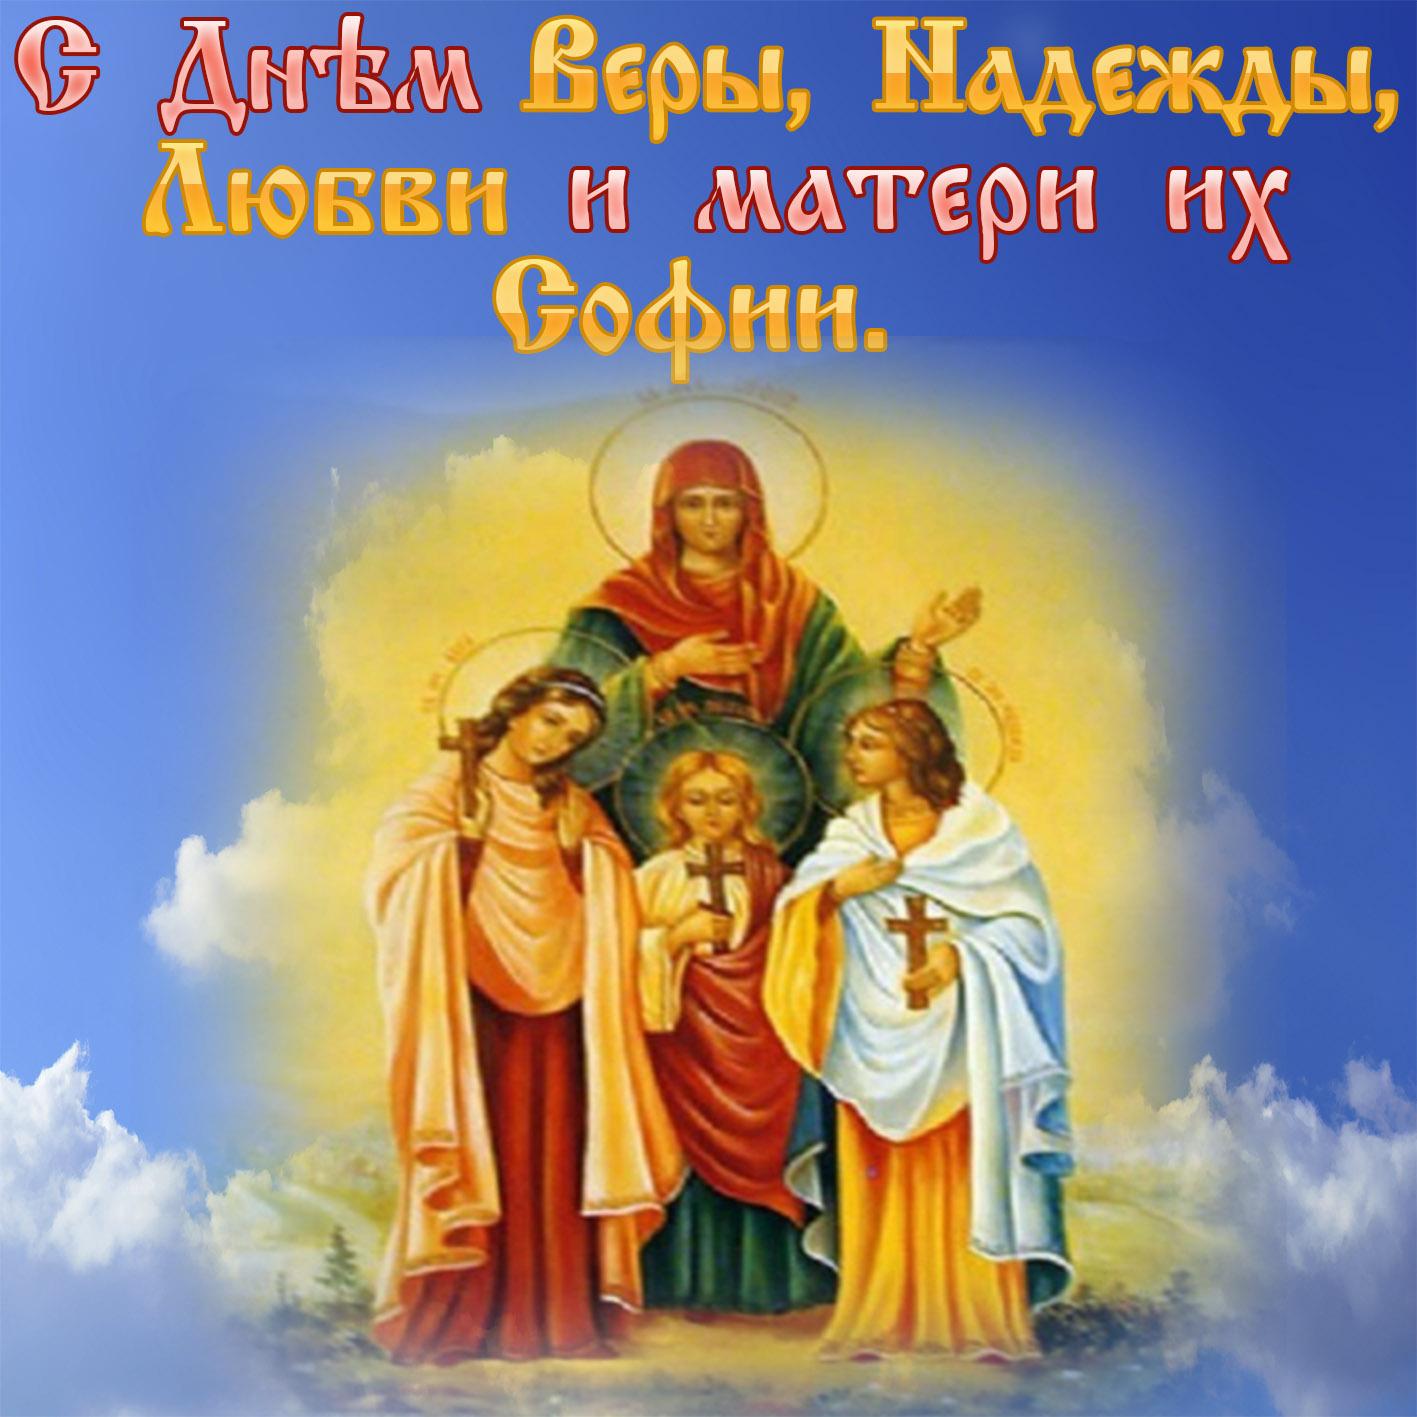 Суперские, открытка для надежды в праздник вера надежда любовь